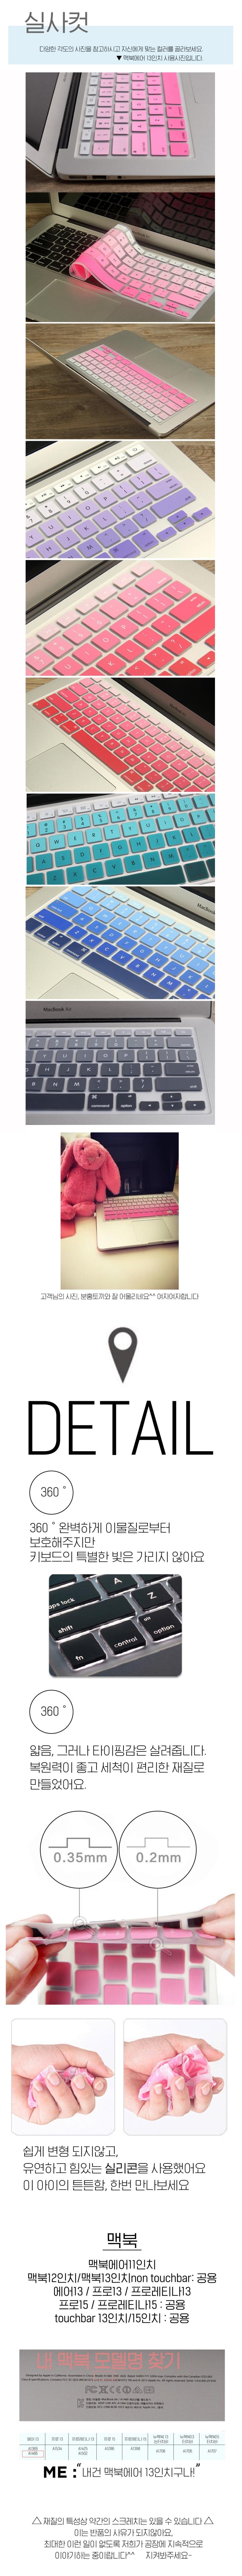 오펜트 맥북 키스킨 그라데이션 - 오펜트, 8,500원, 필름/스킨, 맥북